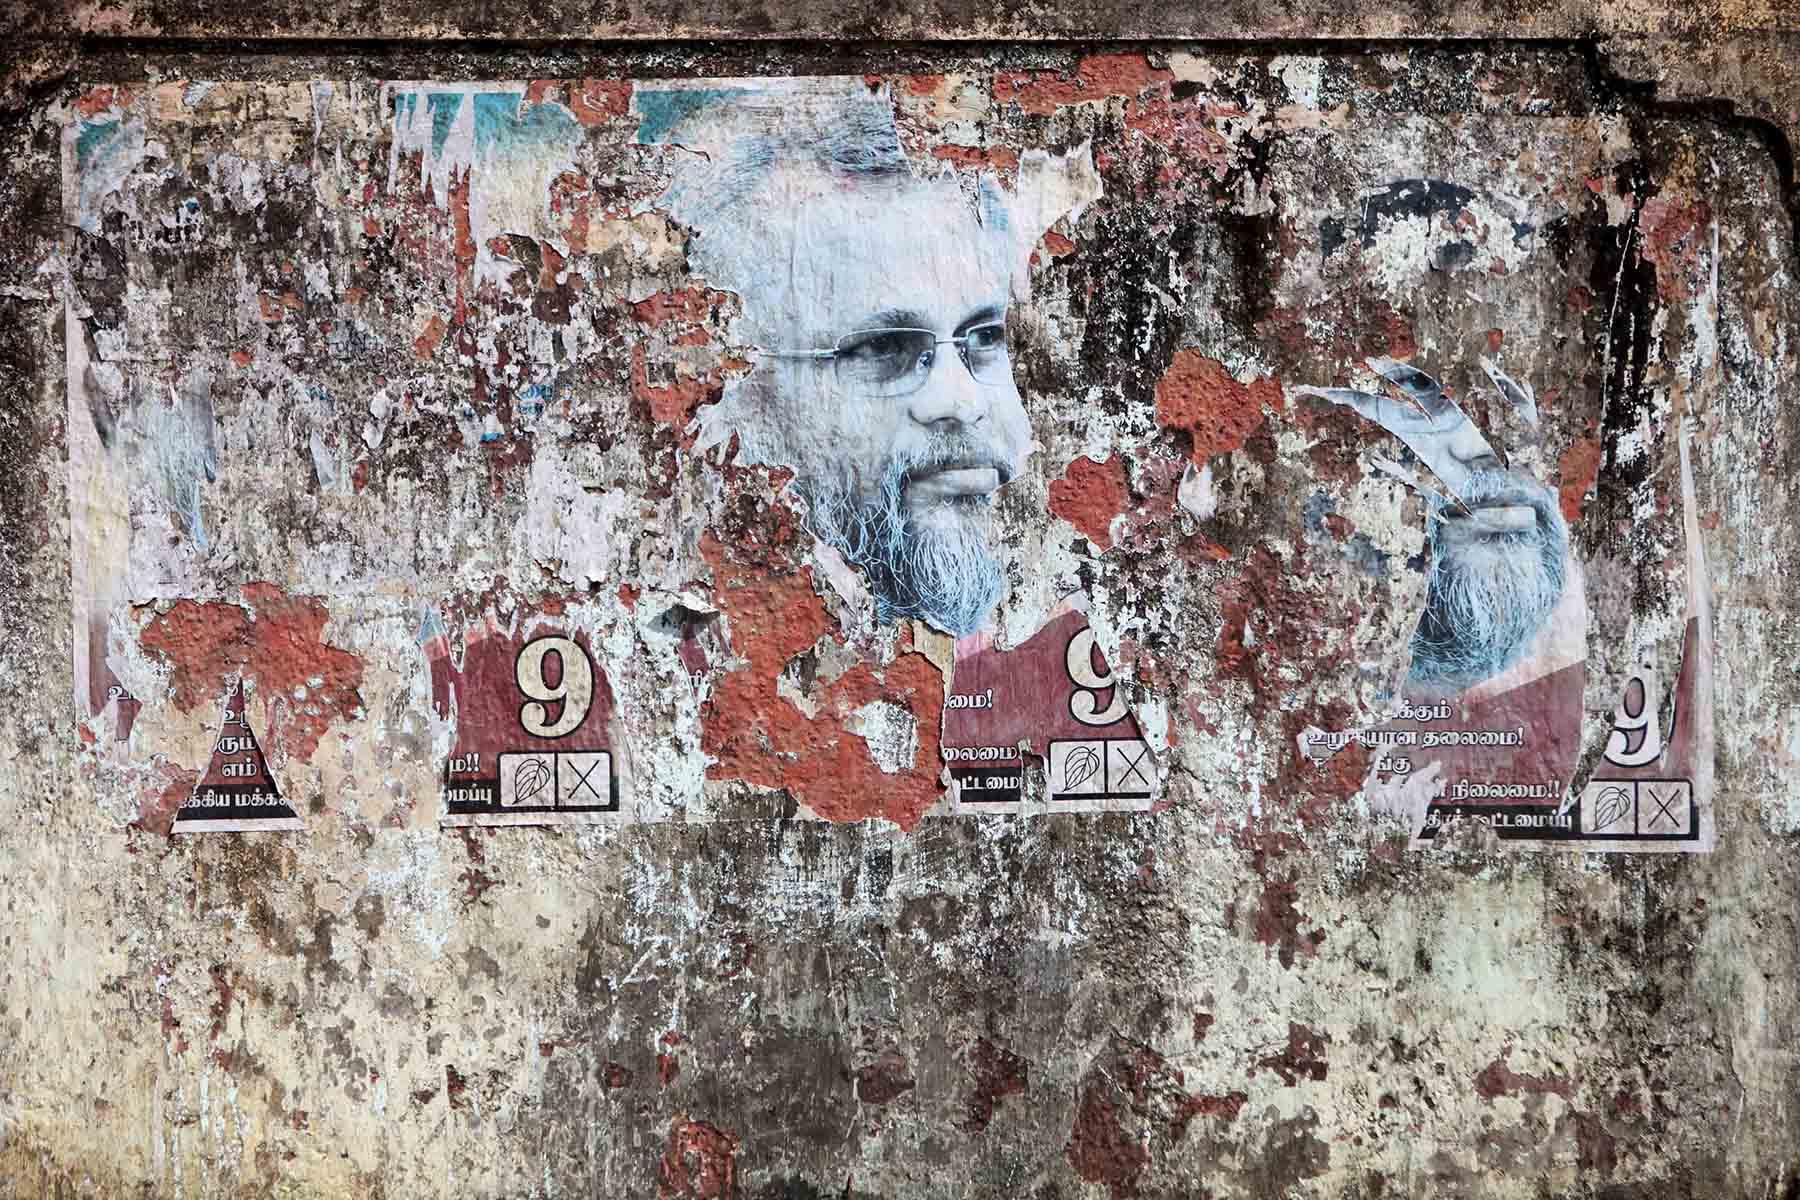 Jaffna Wall After the War